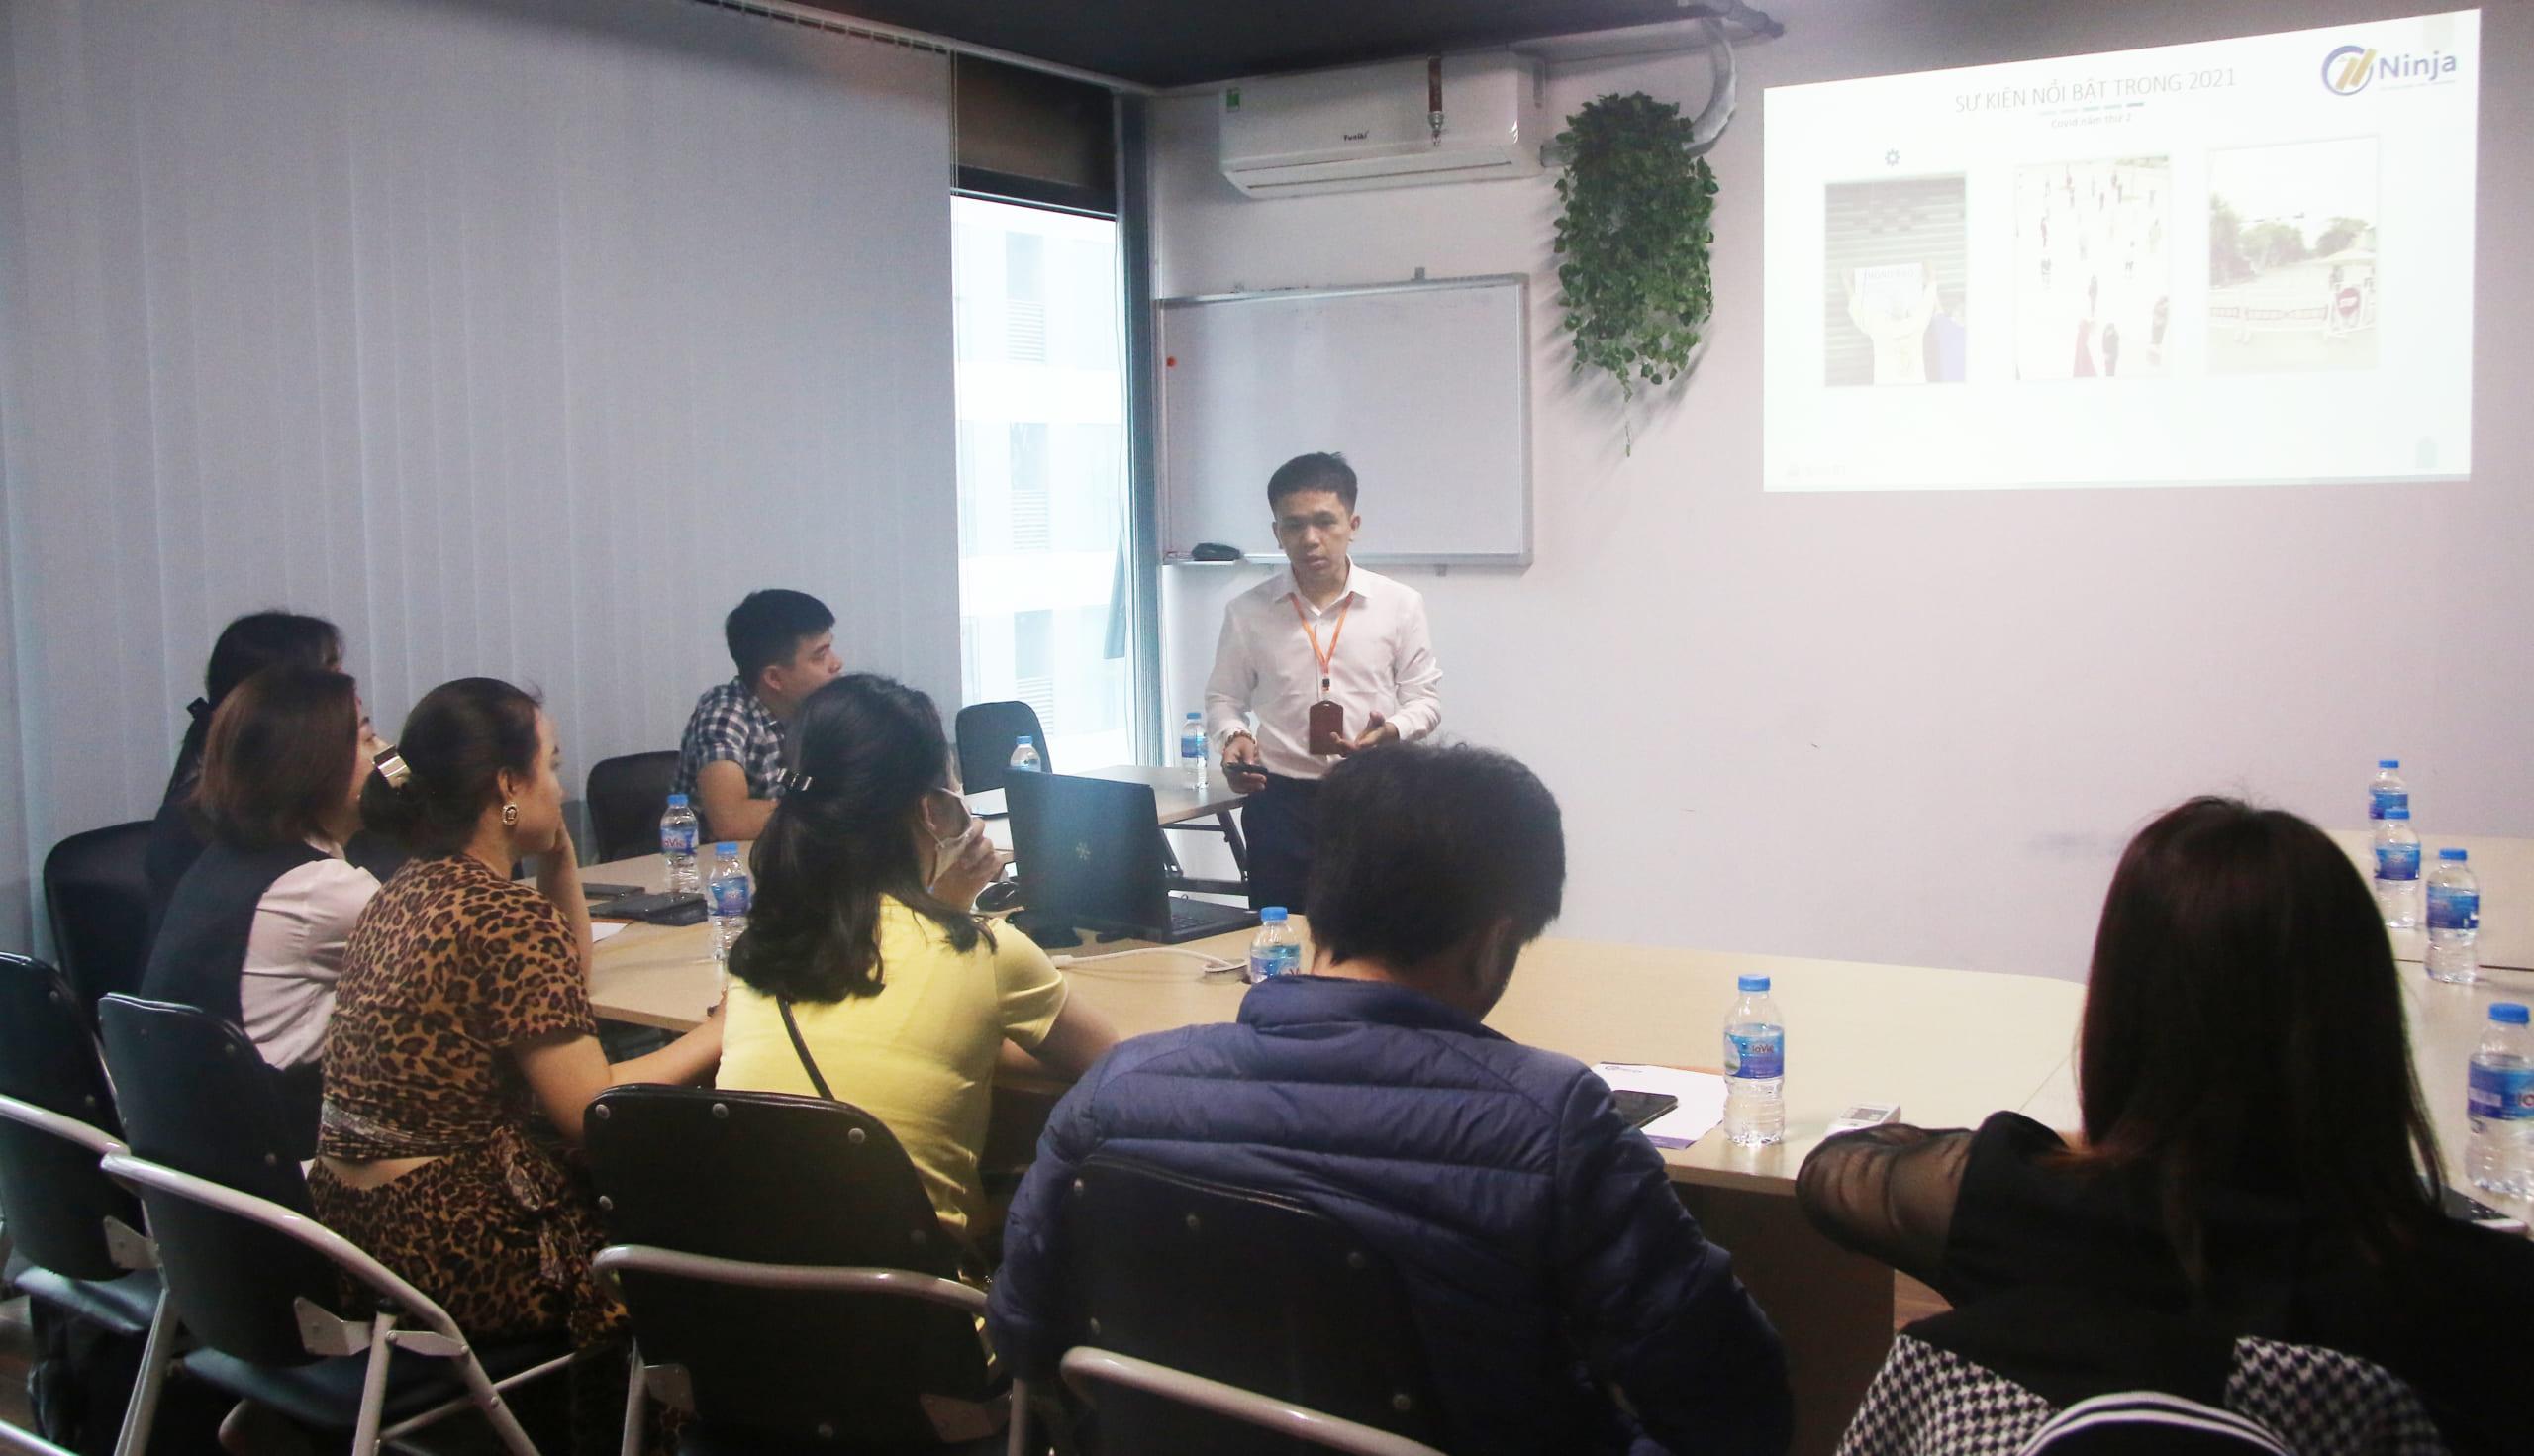 dao tao tim kiem khach hang3jpg scaled Đào tạo Ninja Hà Nội: Cách tìm kiếm khách hàng tiềm năng trên MXH